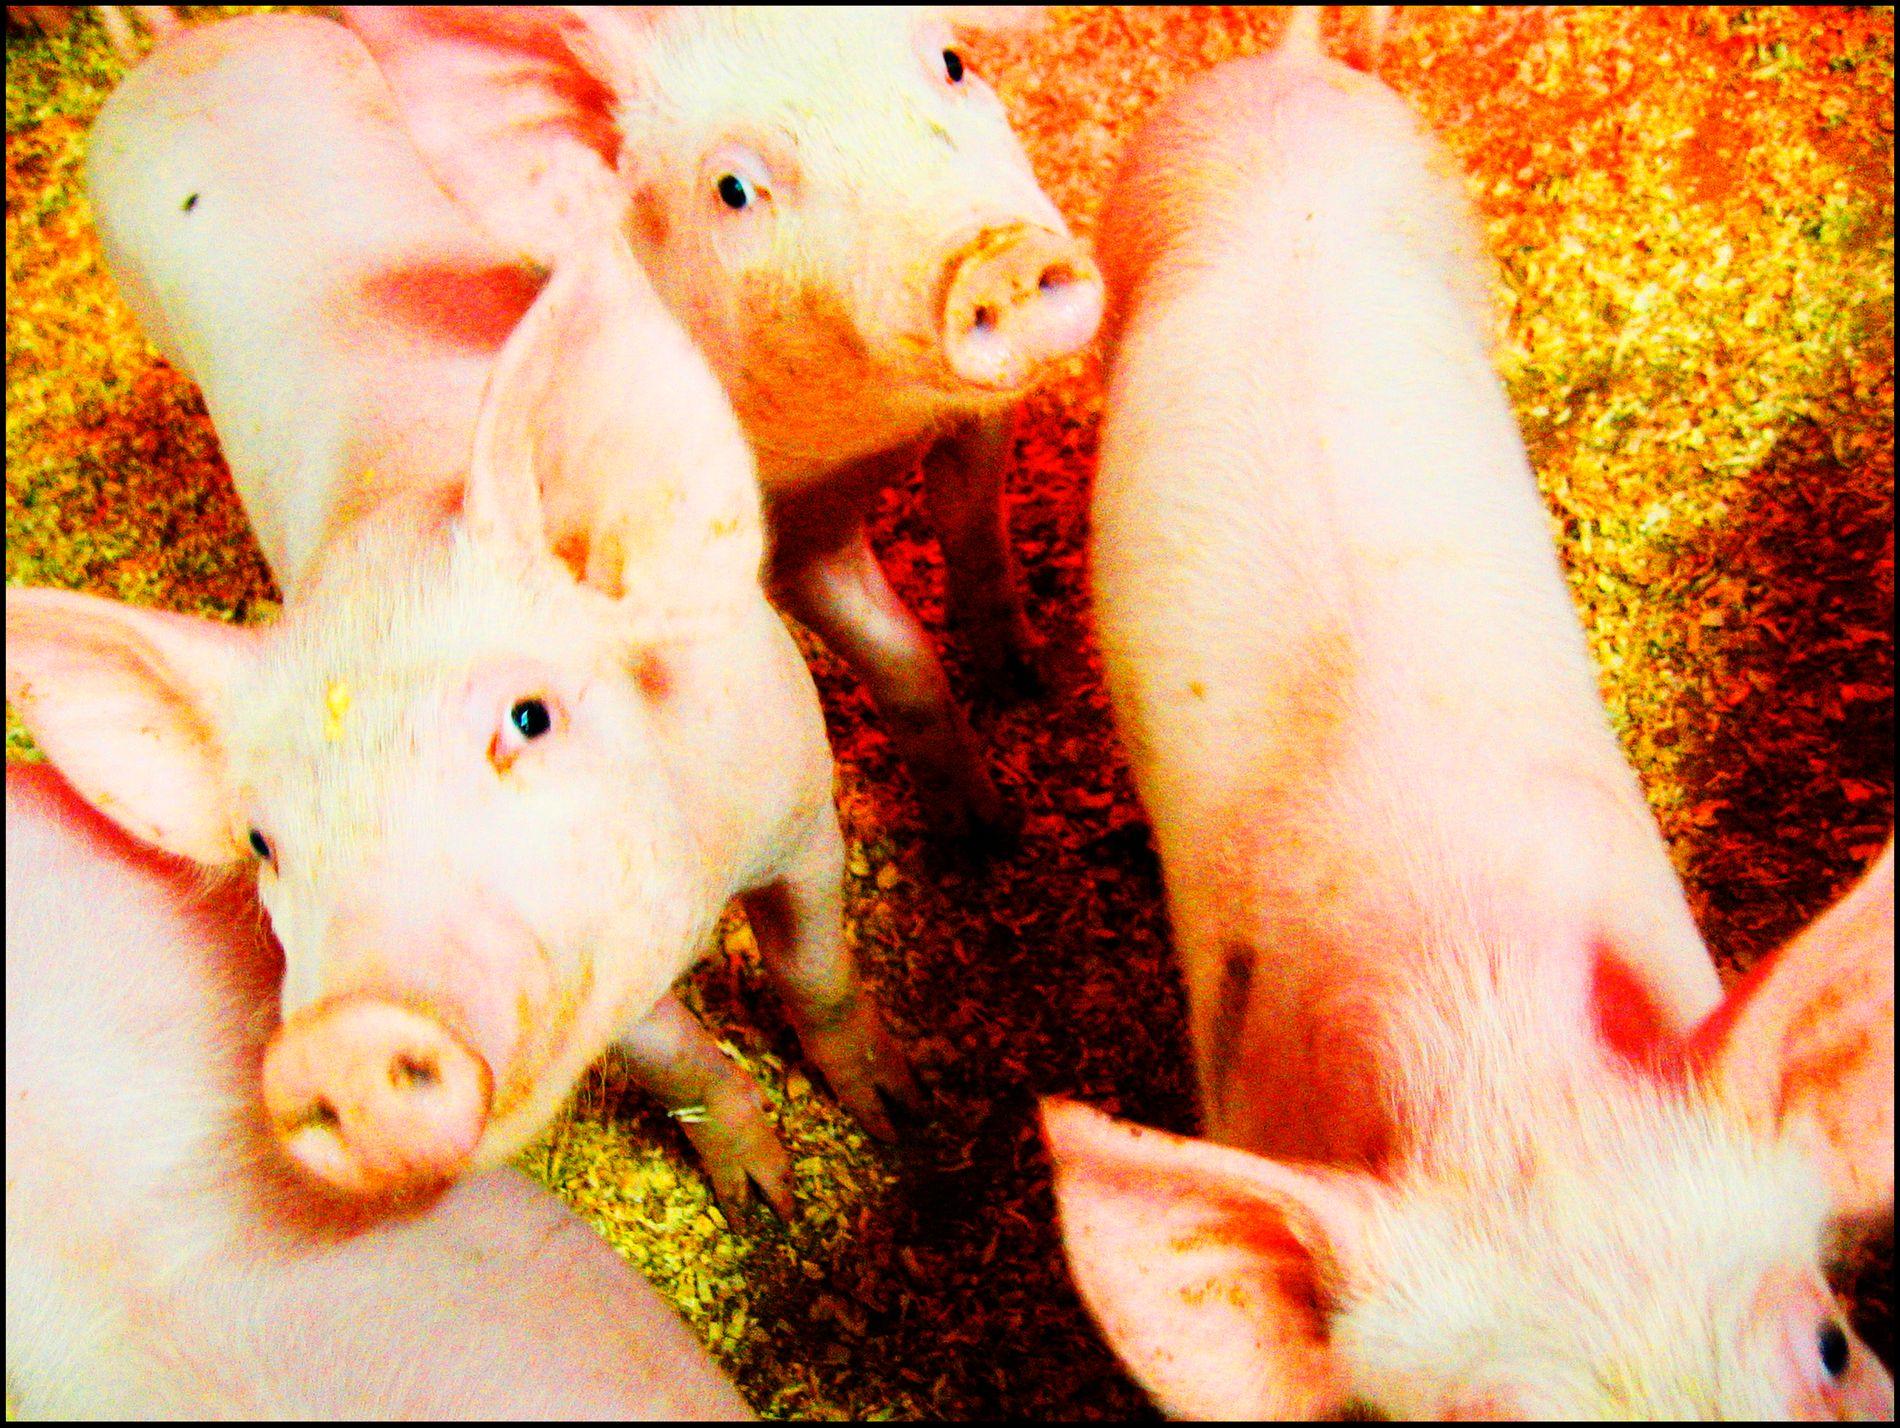 En dokumentar om svineprodusenter som sendes på NRK onsdag kveld har skapt reaksjoner. Nå anmelder Nortura en av sine leverandører på bakgrunn av det som fremkommer i filmen. Illustrasjonsfoto: Lise Åserud / NTB scanpix